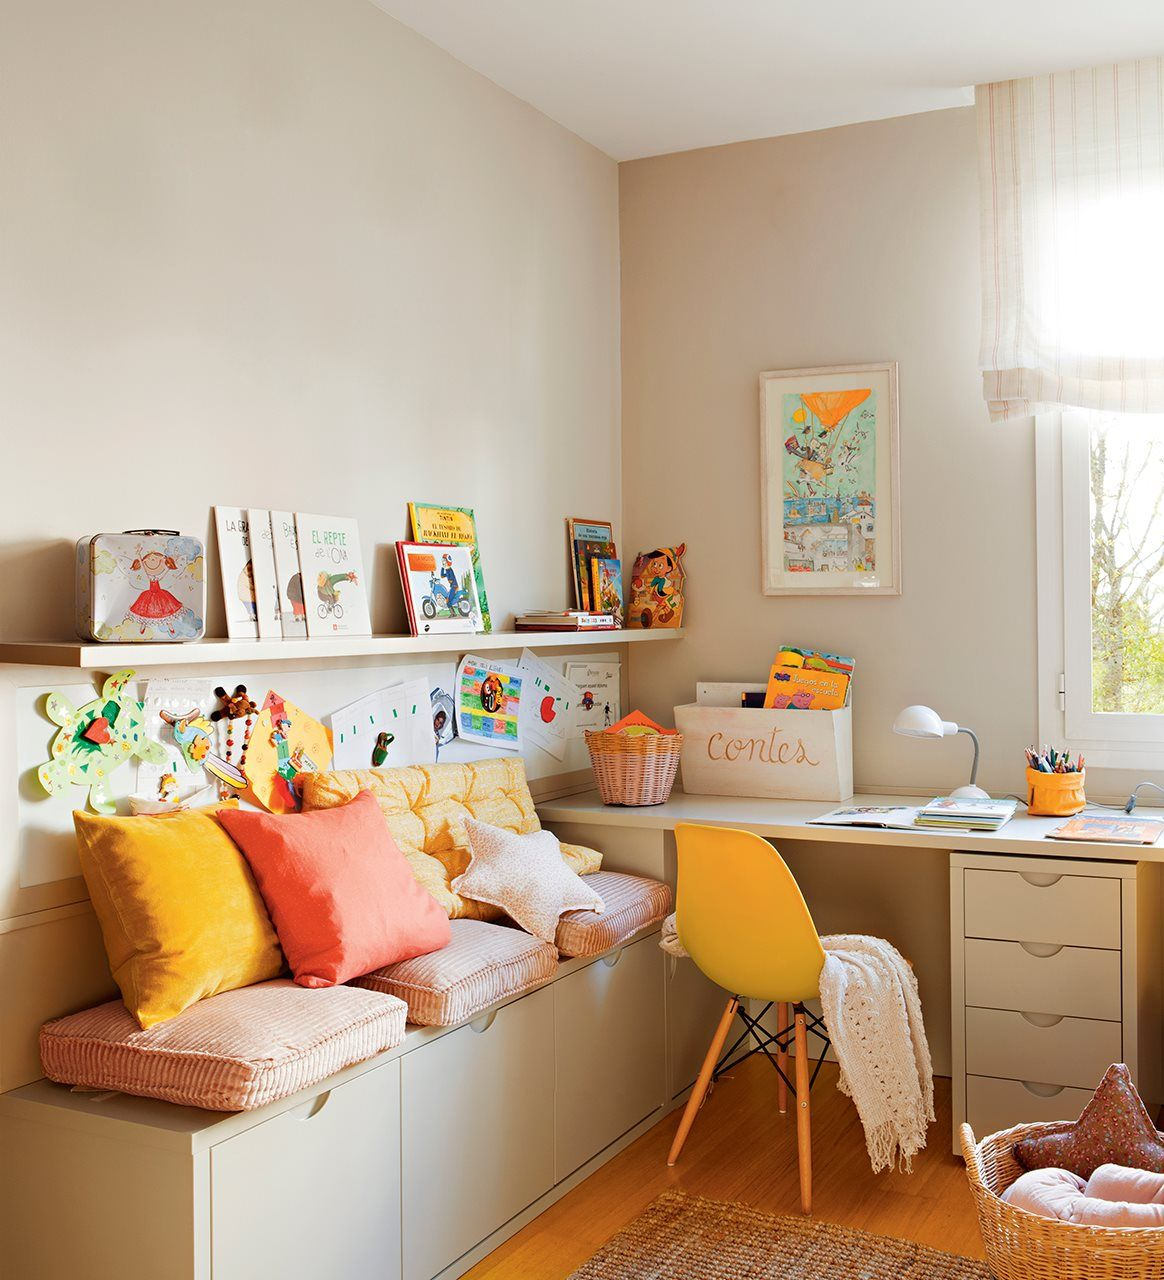 Zona De Estudio Con Muebles A Medida Proyectados Por  ~ Mesas Y Sillas Infantiles En El Corte Ingles